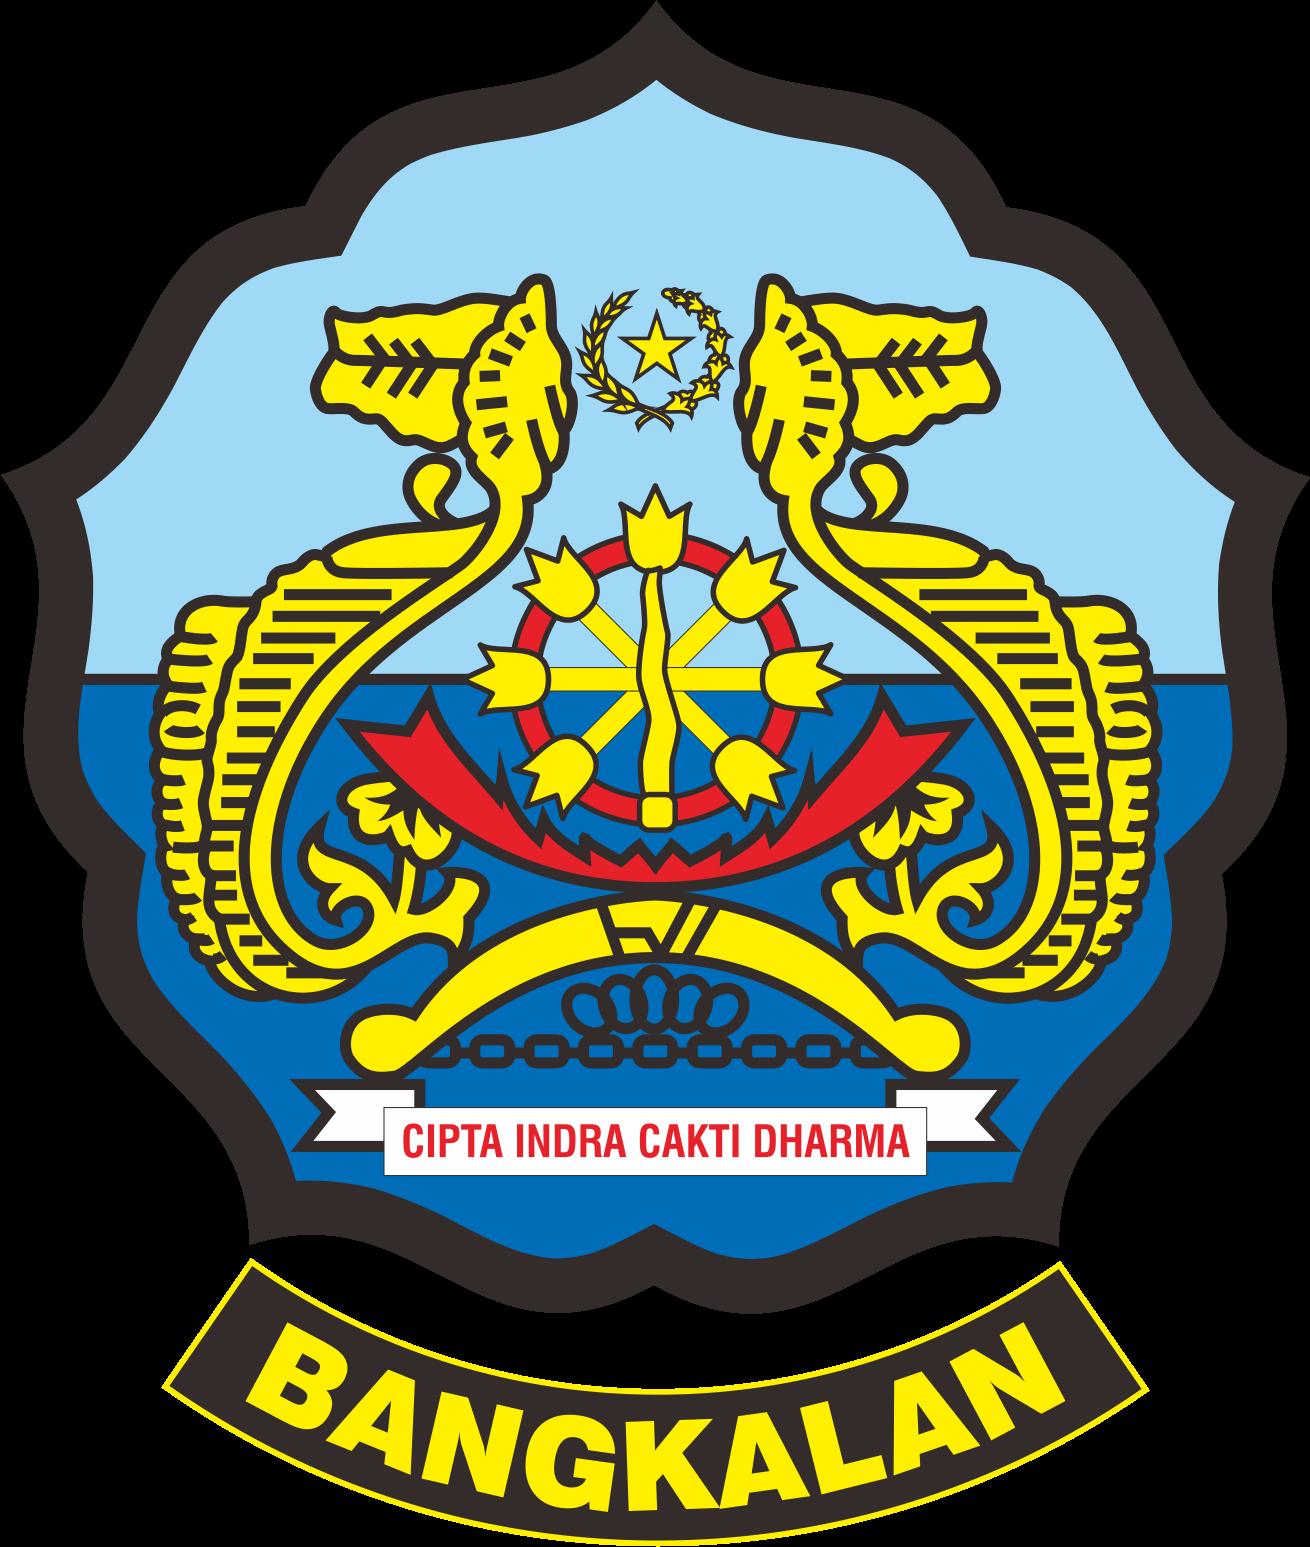 Info Cpns Sidoarjo Info Lowongan Cpns 2016 Terbaru Honorer K2 Terbaru Agustus Pengumuman Kelulusan Dan Hasil Tkd Cpns Kabupaten Bangkalan 2014